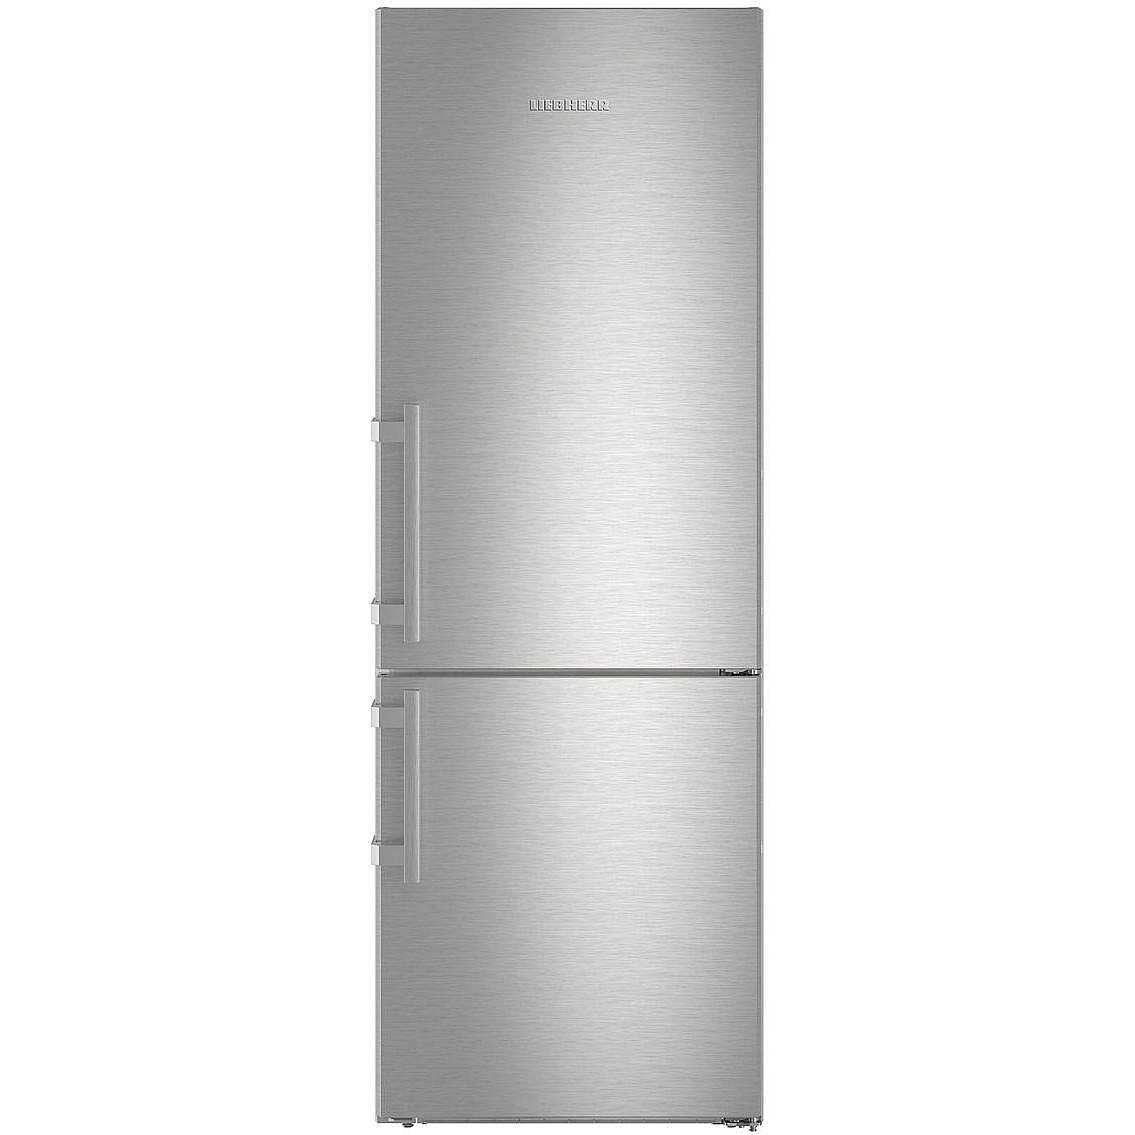 liebherr ricambi frigorifero  Liebherr CNEF 5715 Frigorifero Combinato 402 L Classe A+++ Ventilato ...